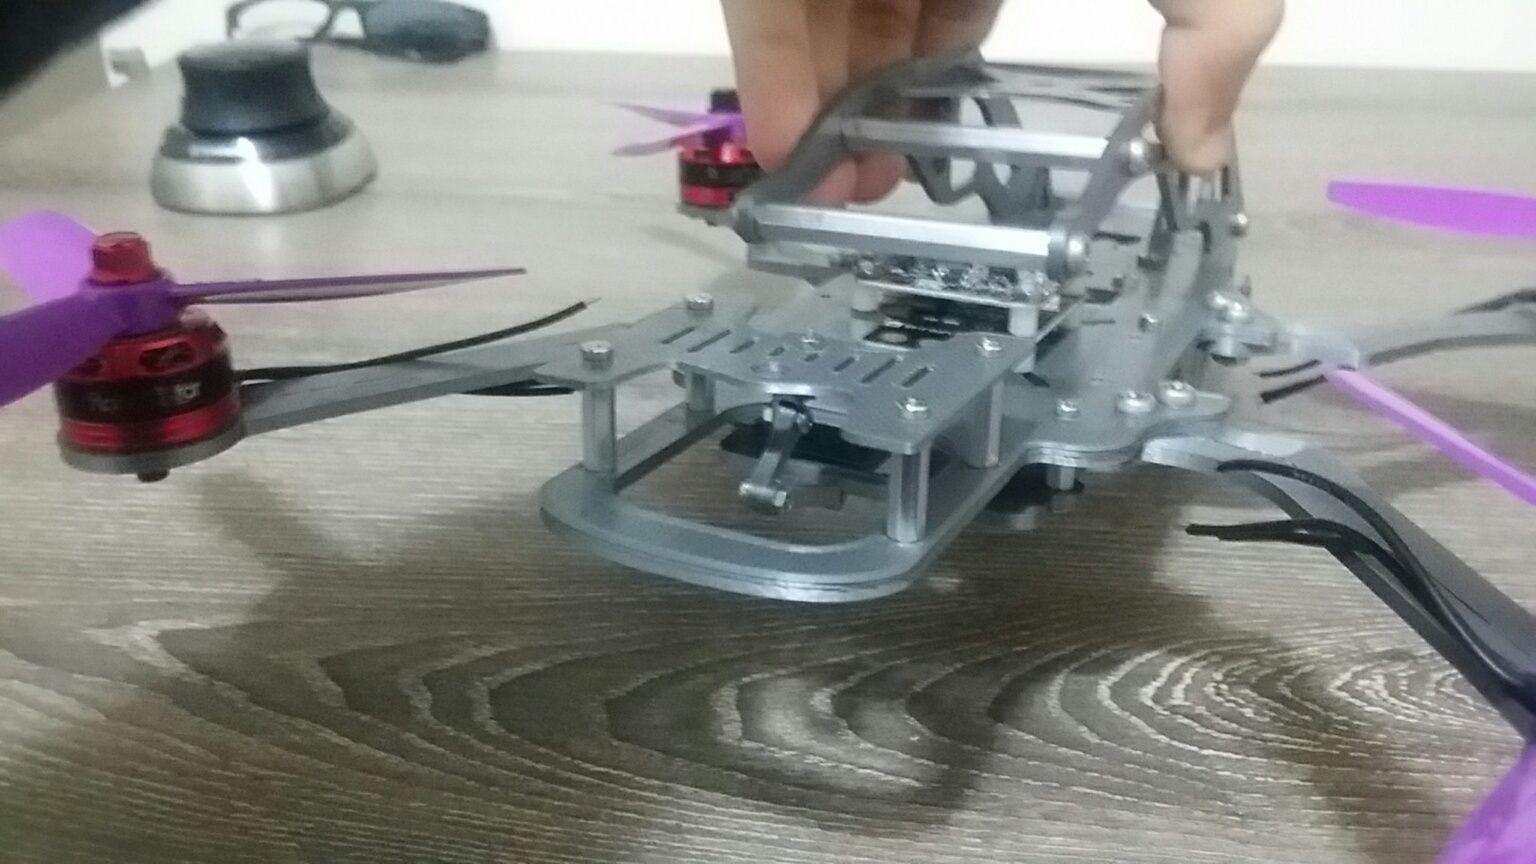 Drone-photoshoot-3-3500-3500